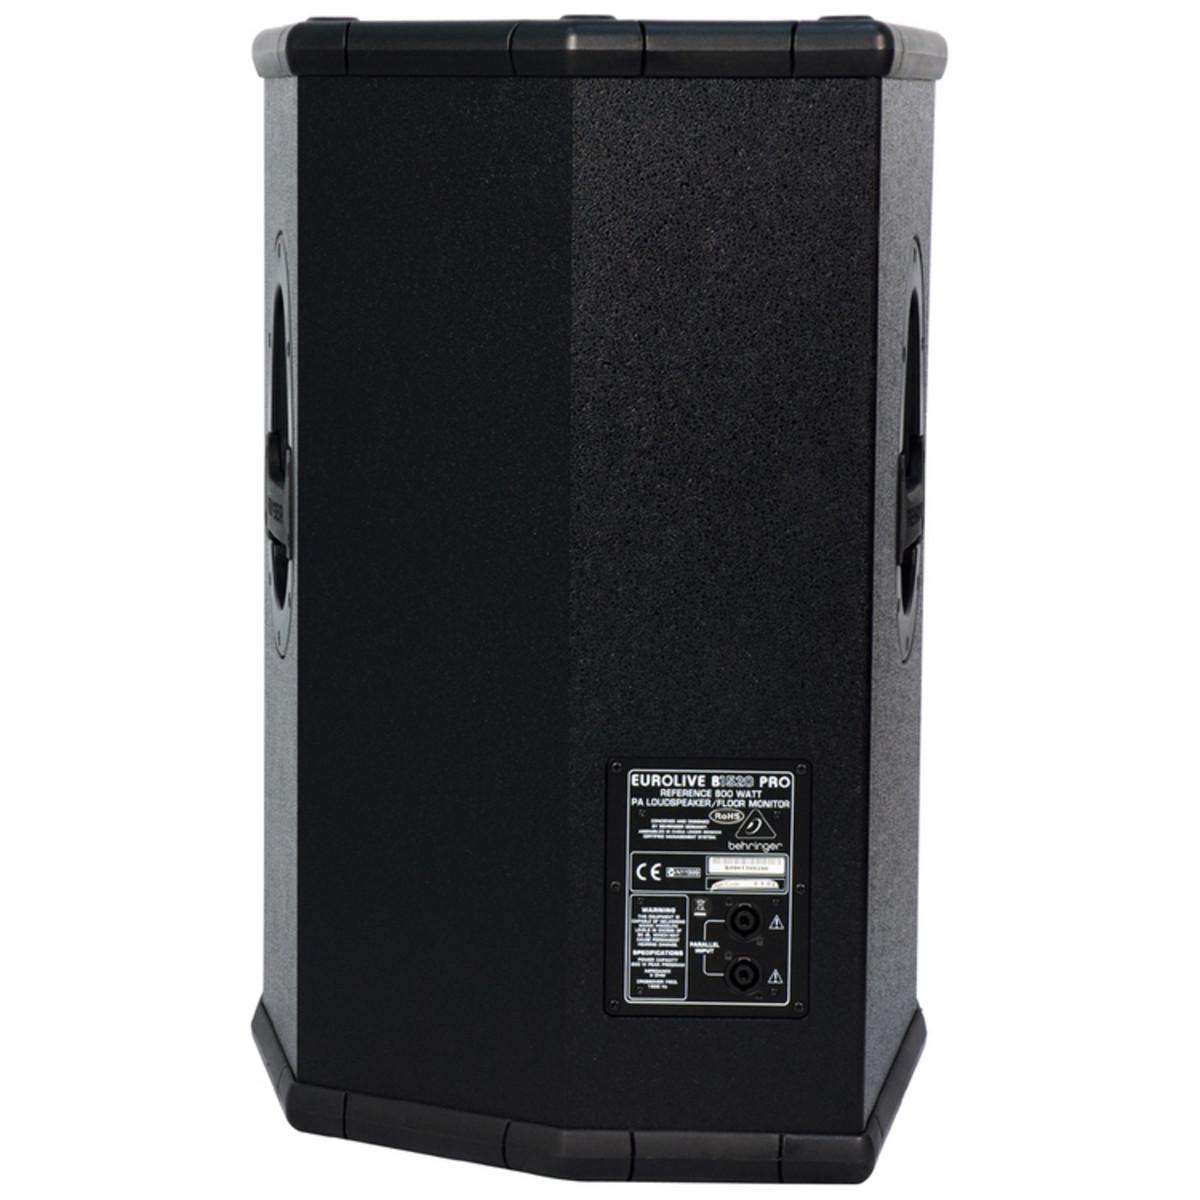 behringer b1520 eurolive pro passive pa speaker ex demo. Black Bedroom Furniture Sets. Home Design Ideas